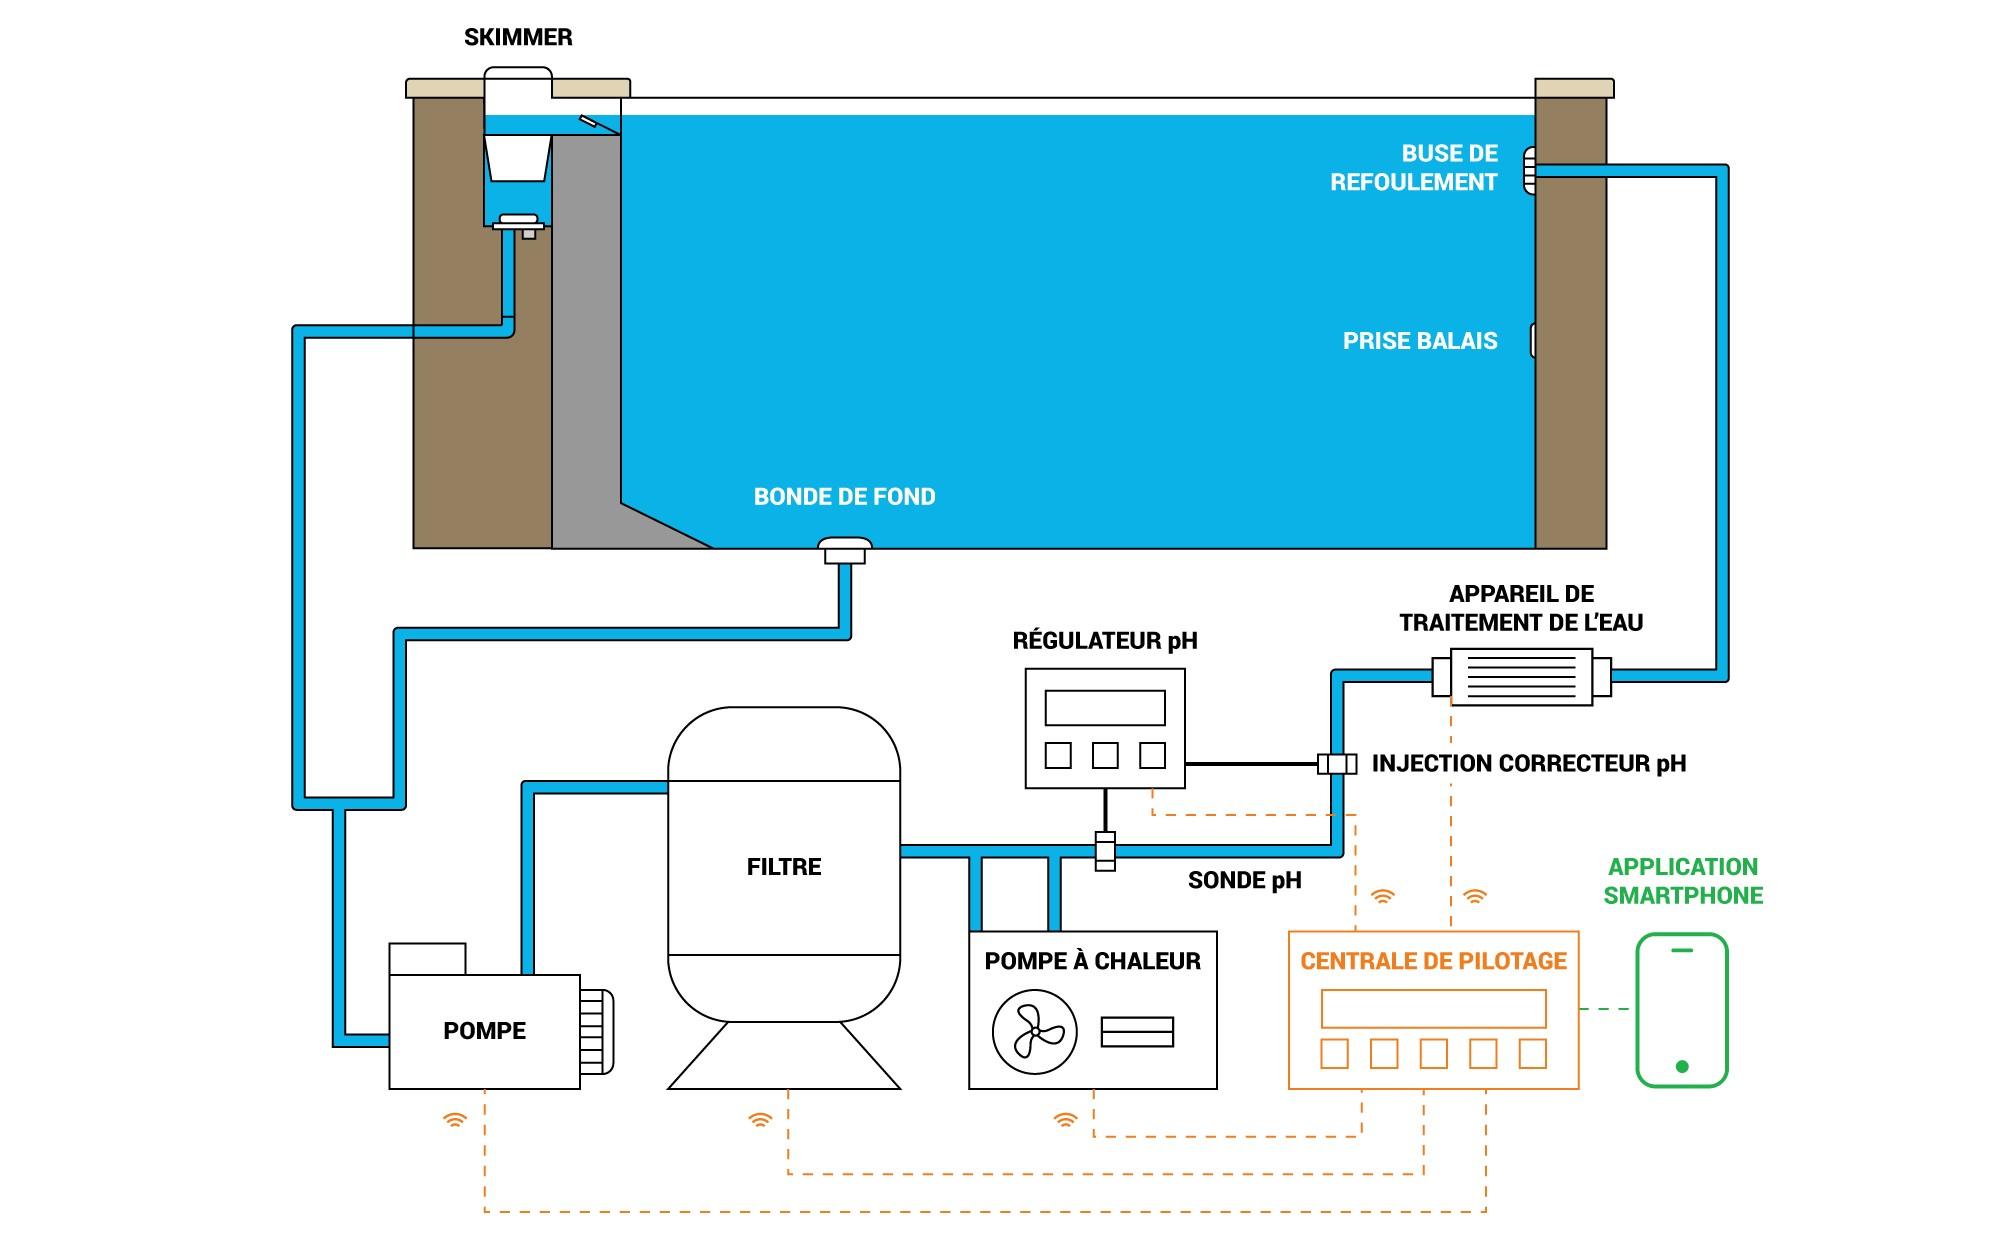 Schéma De Filtration D'une Piscine - Plan De Montage - Guide ... pour Refoulement Piscine